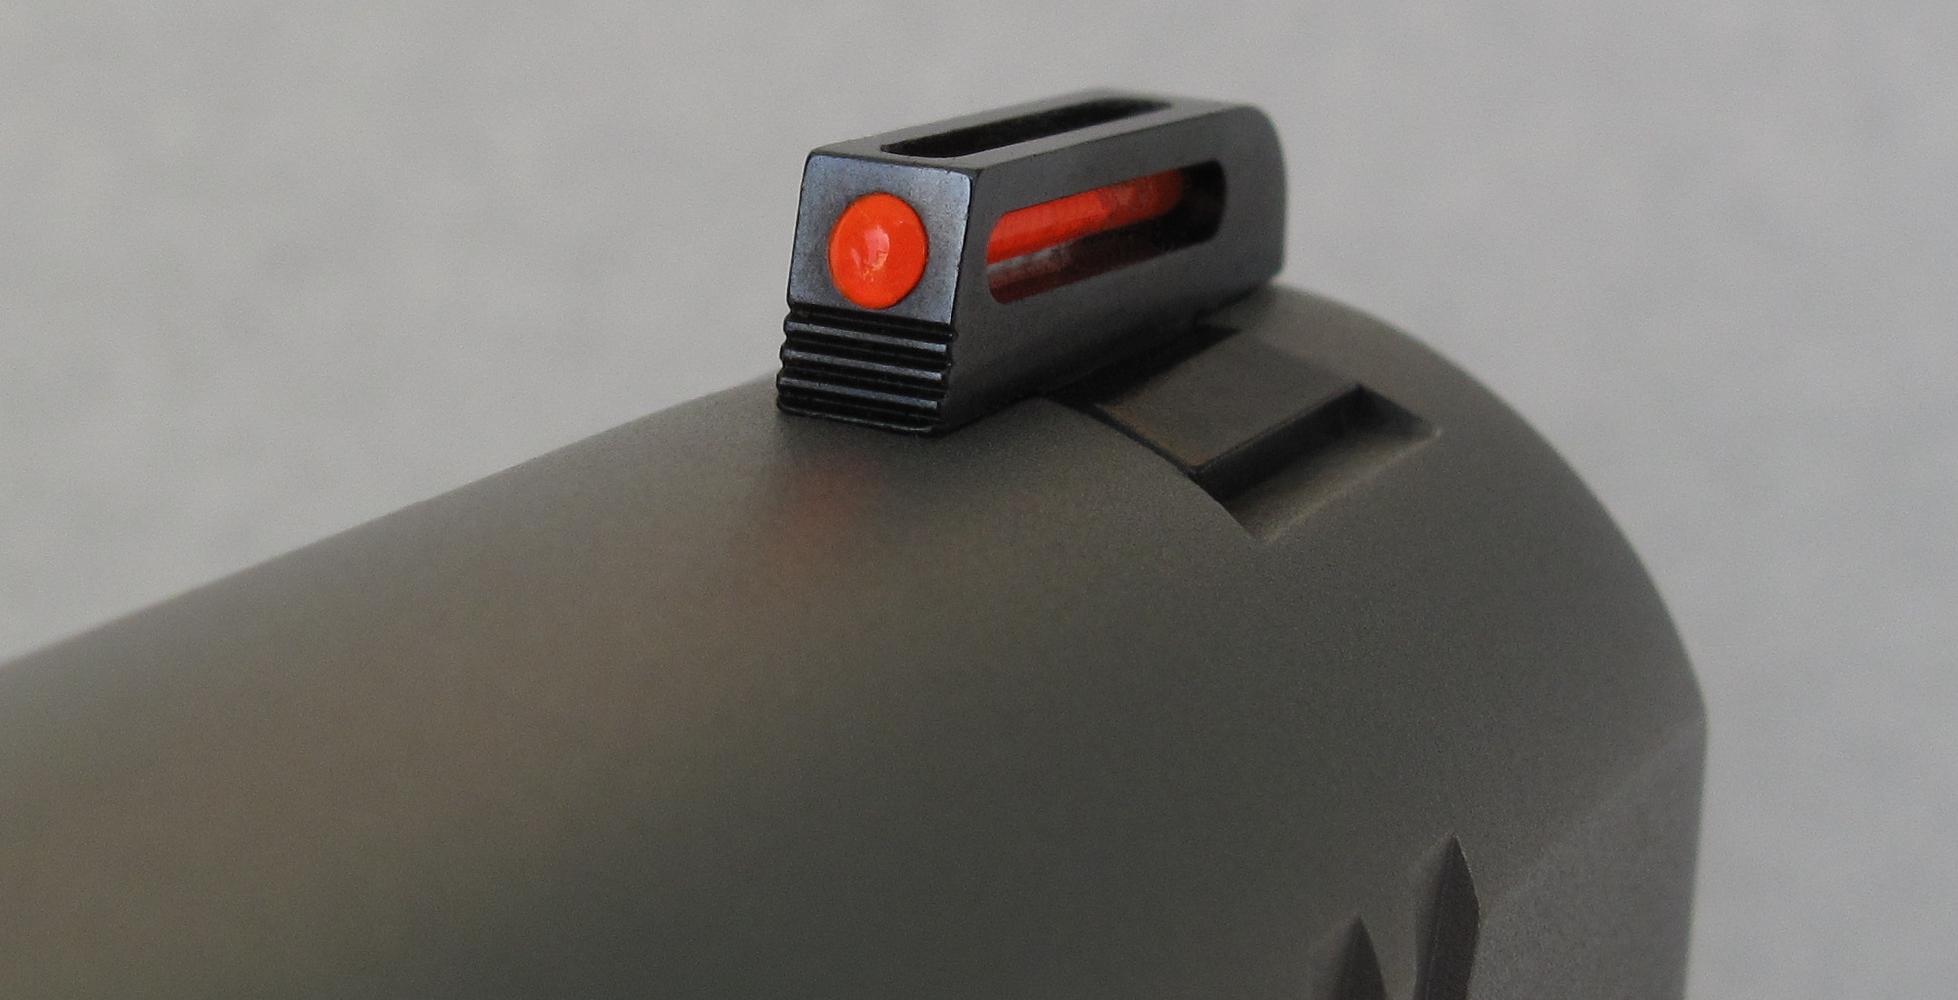 Usiné en acier et installé à queue d'aronde, le guidon intègre une fibre optique de couleur rouge.